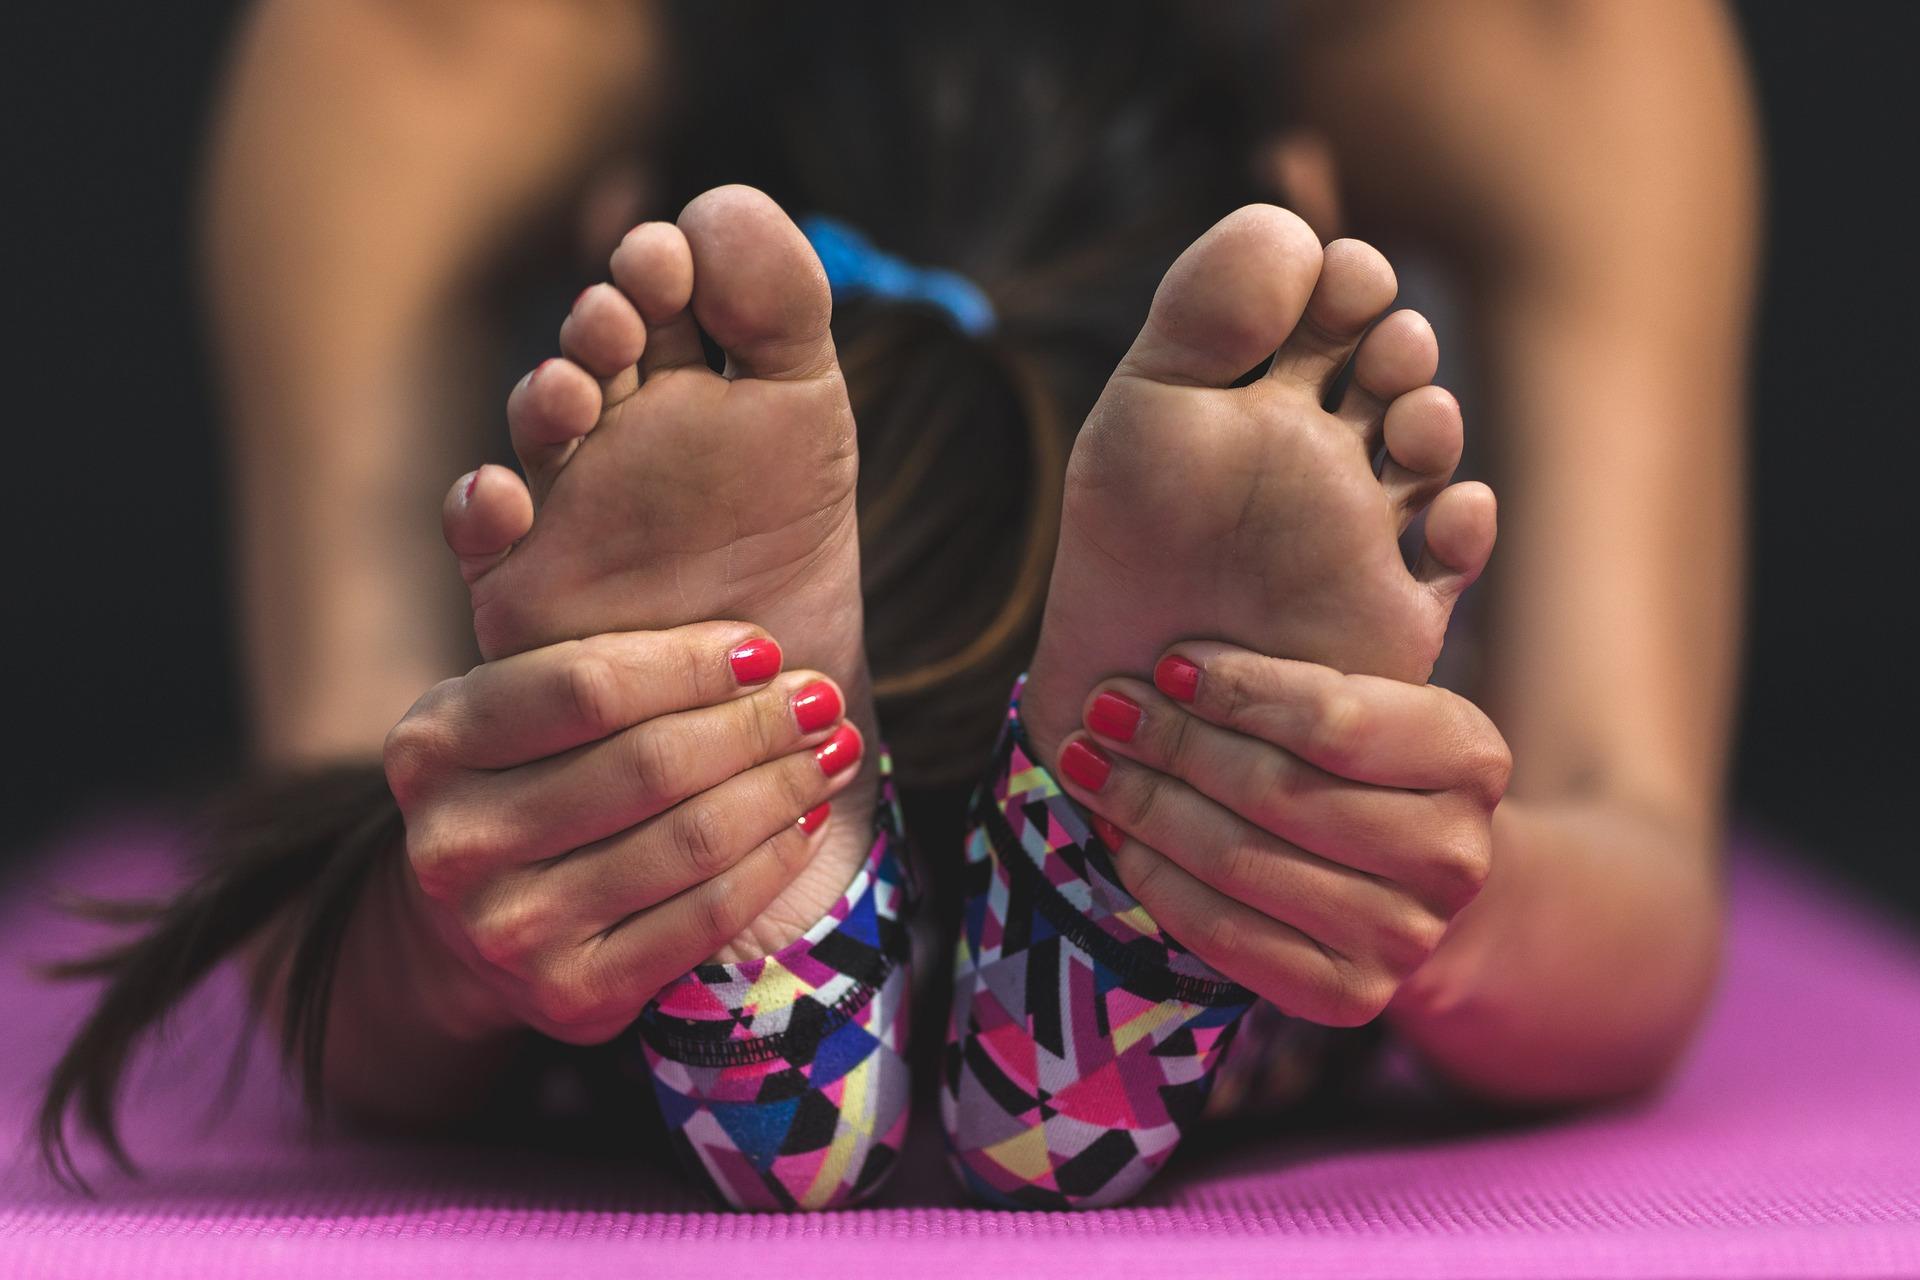 Dolor en la punta del dedo gordo del pie, ¿por qué sucede?